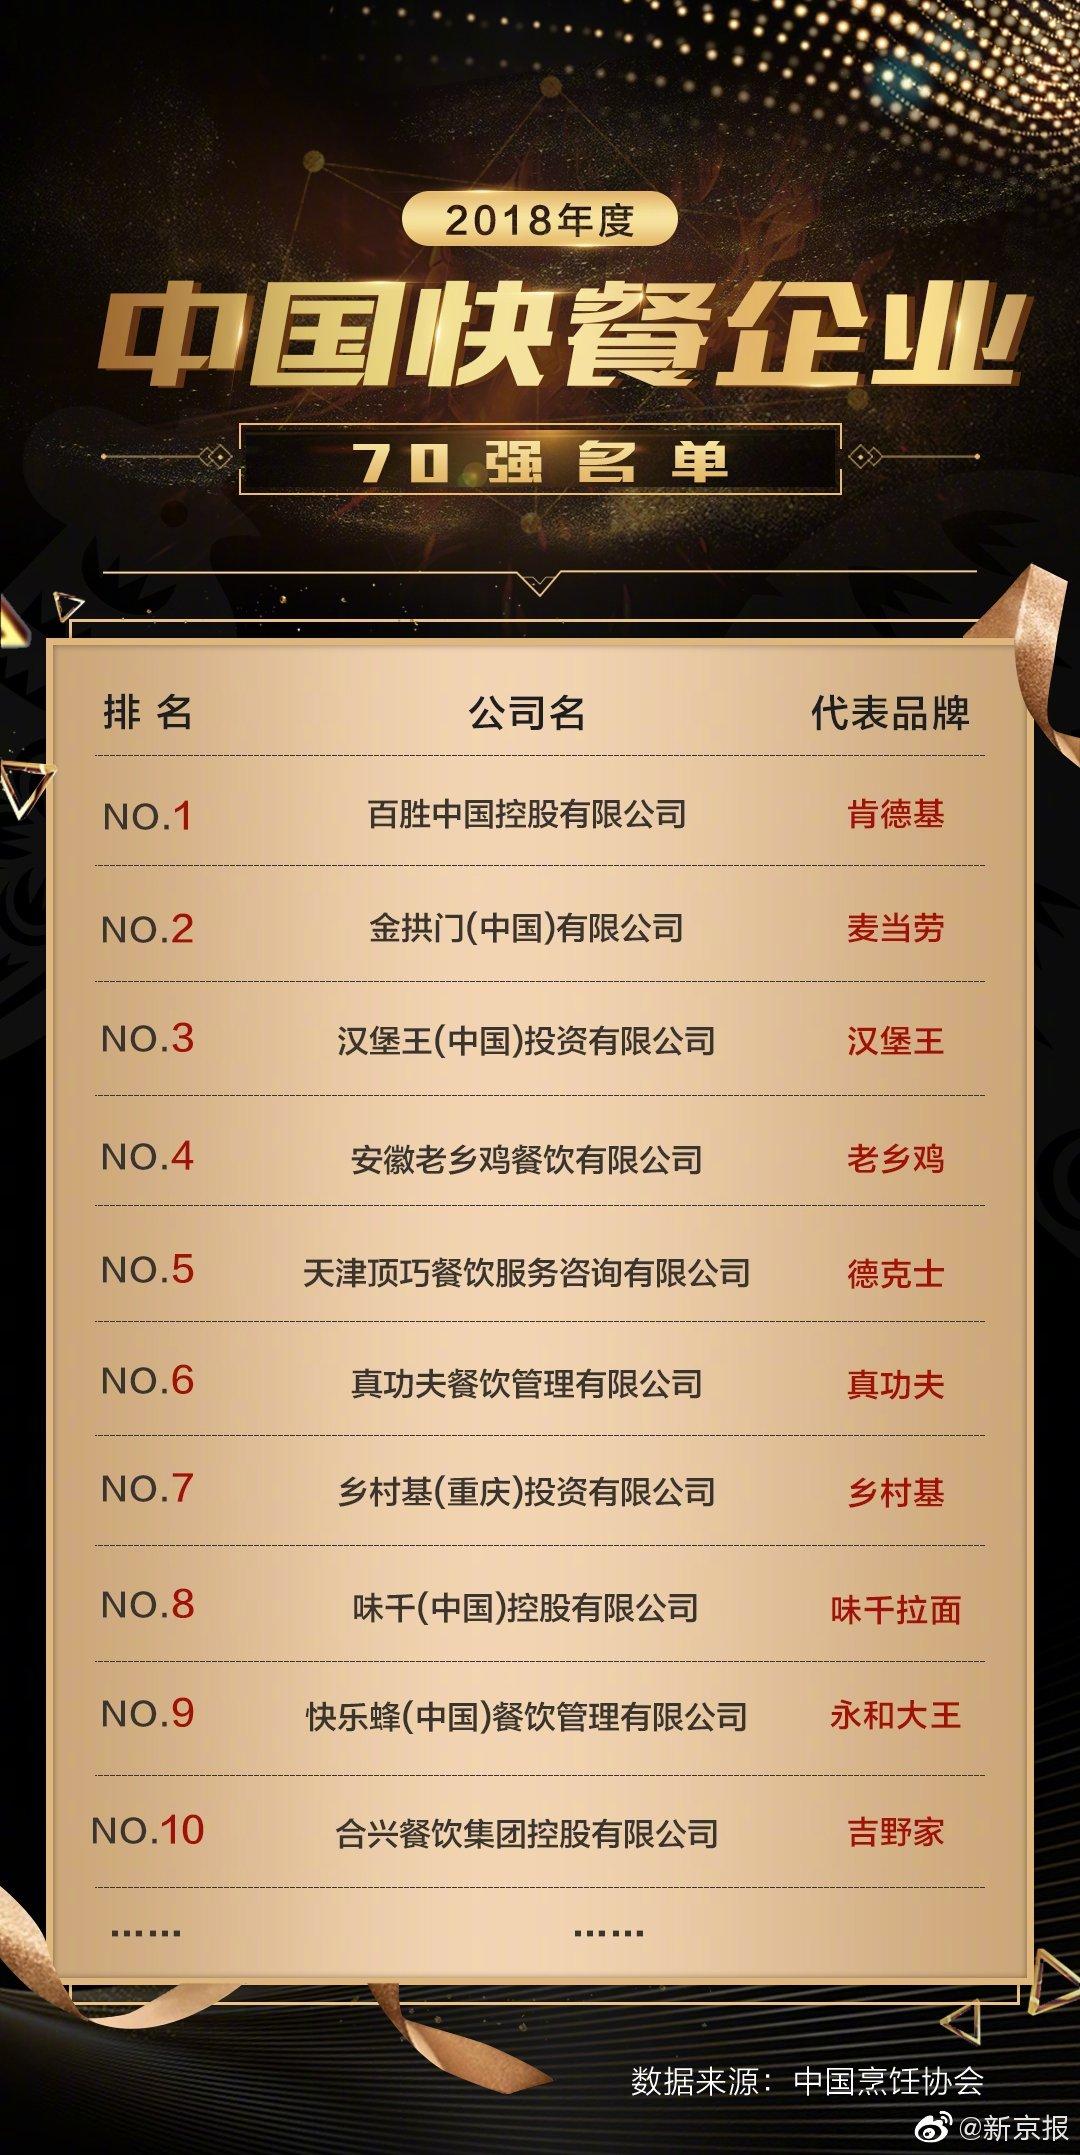 老乡鸡进军上海,中式快餐能否从区域突围全国?_门店